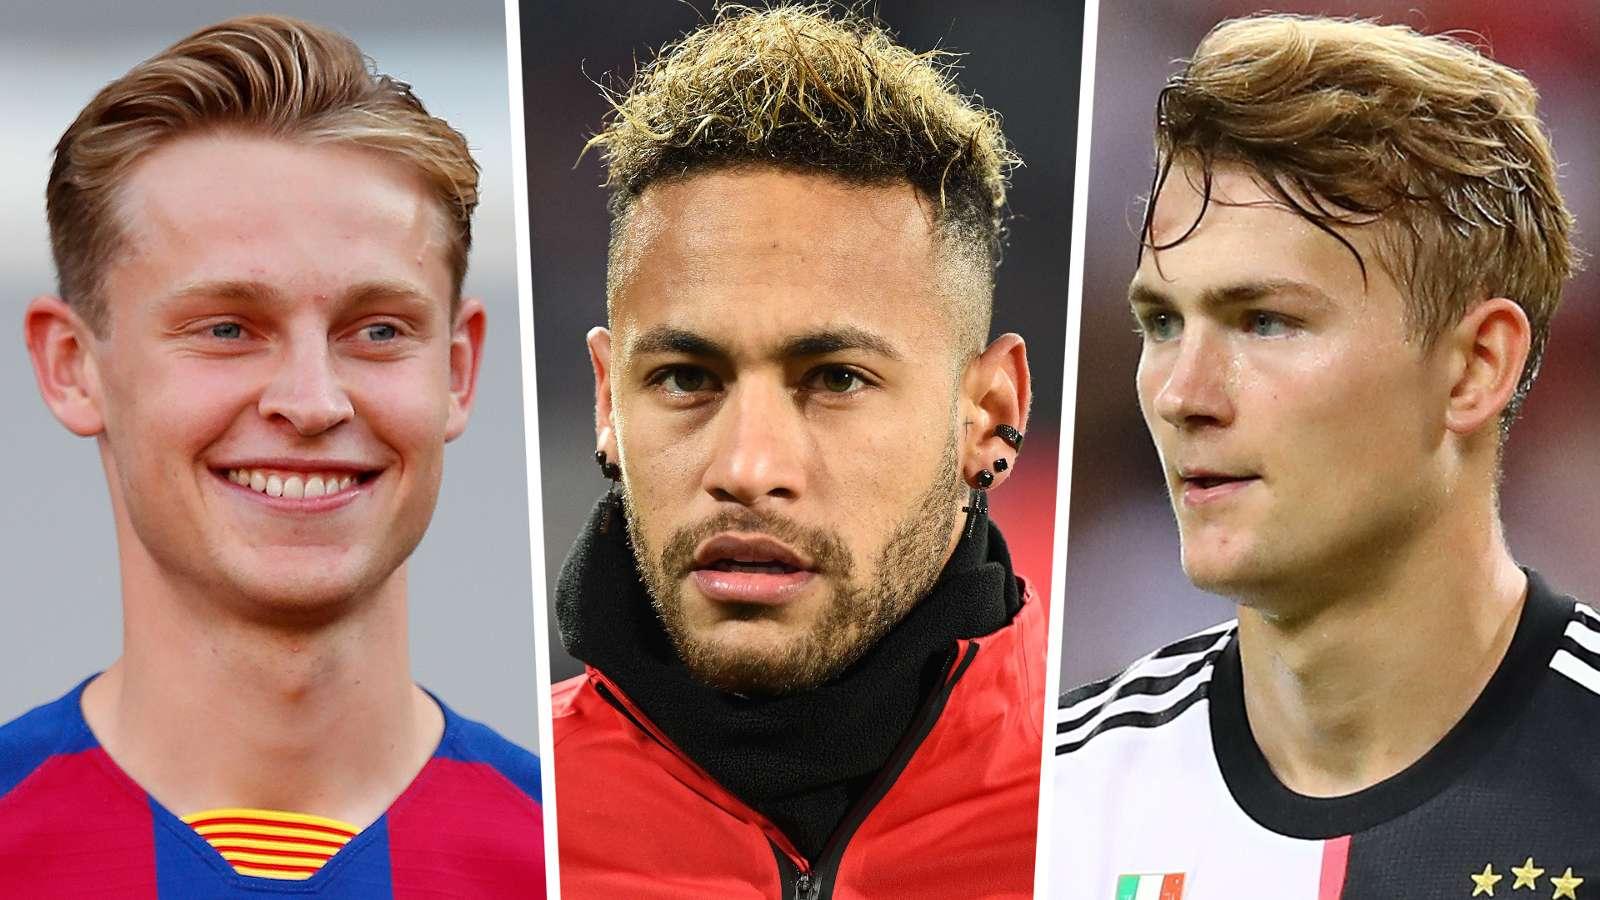 Từ trái sang: Frenkie, Neymar và Matthijs. Ảnh: Goal